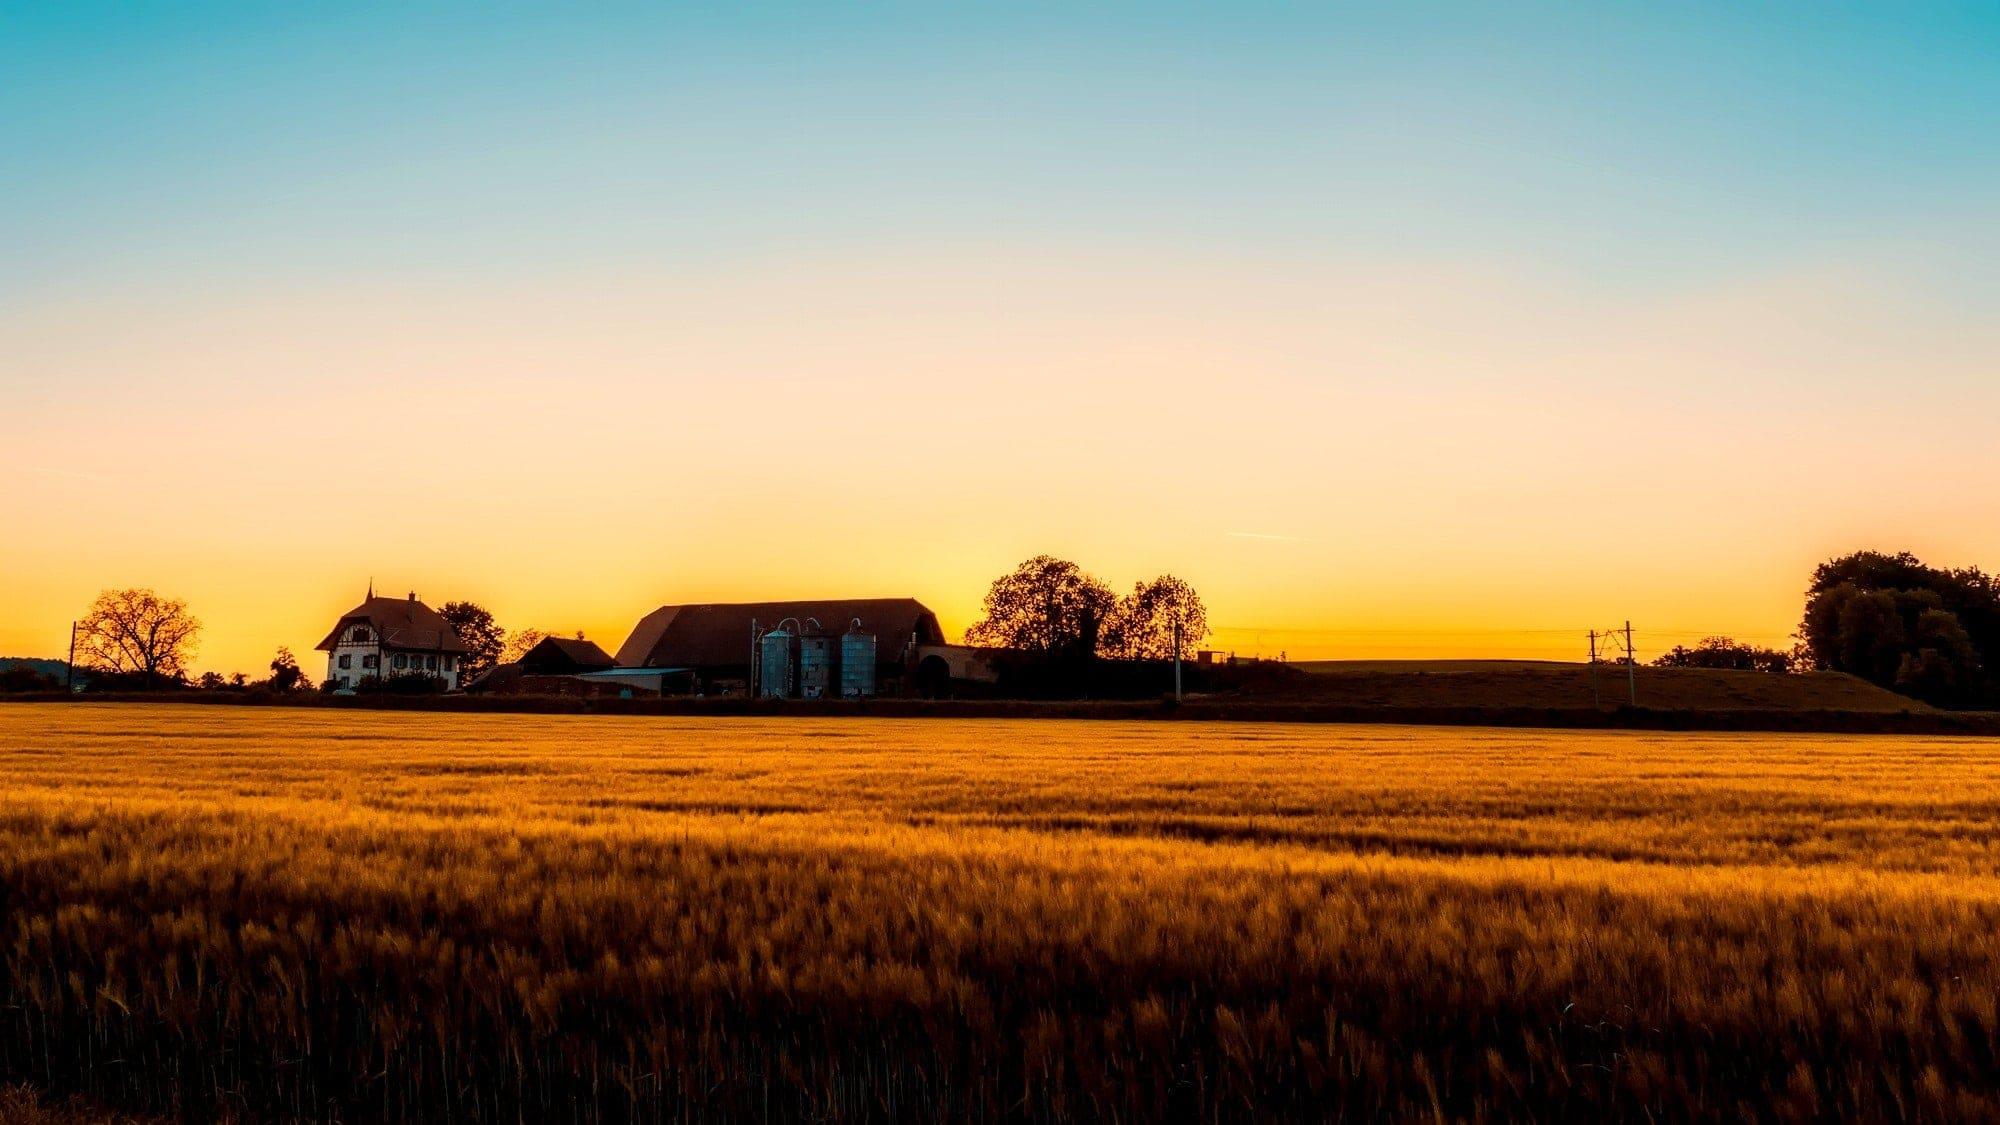 arrendamiento de tierras agrícolas